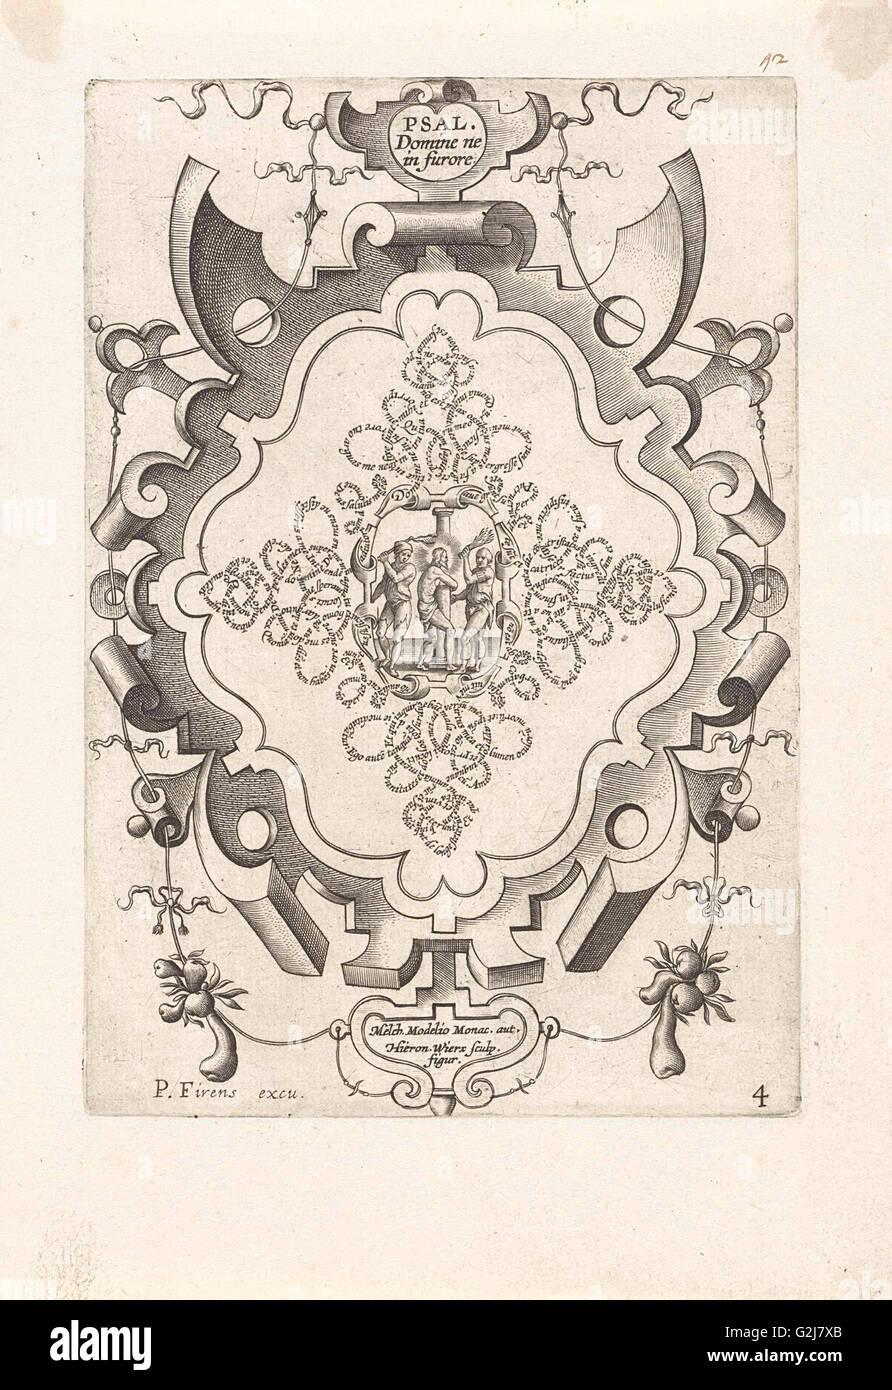 Flagellation of Christ, Hieronymus Wierix, Melchior Model, Pierre Firens, 1608 Stock Photo